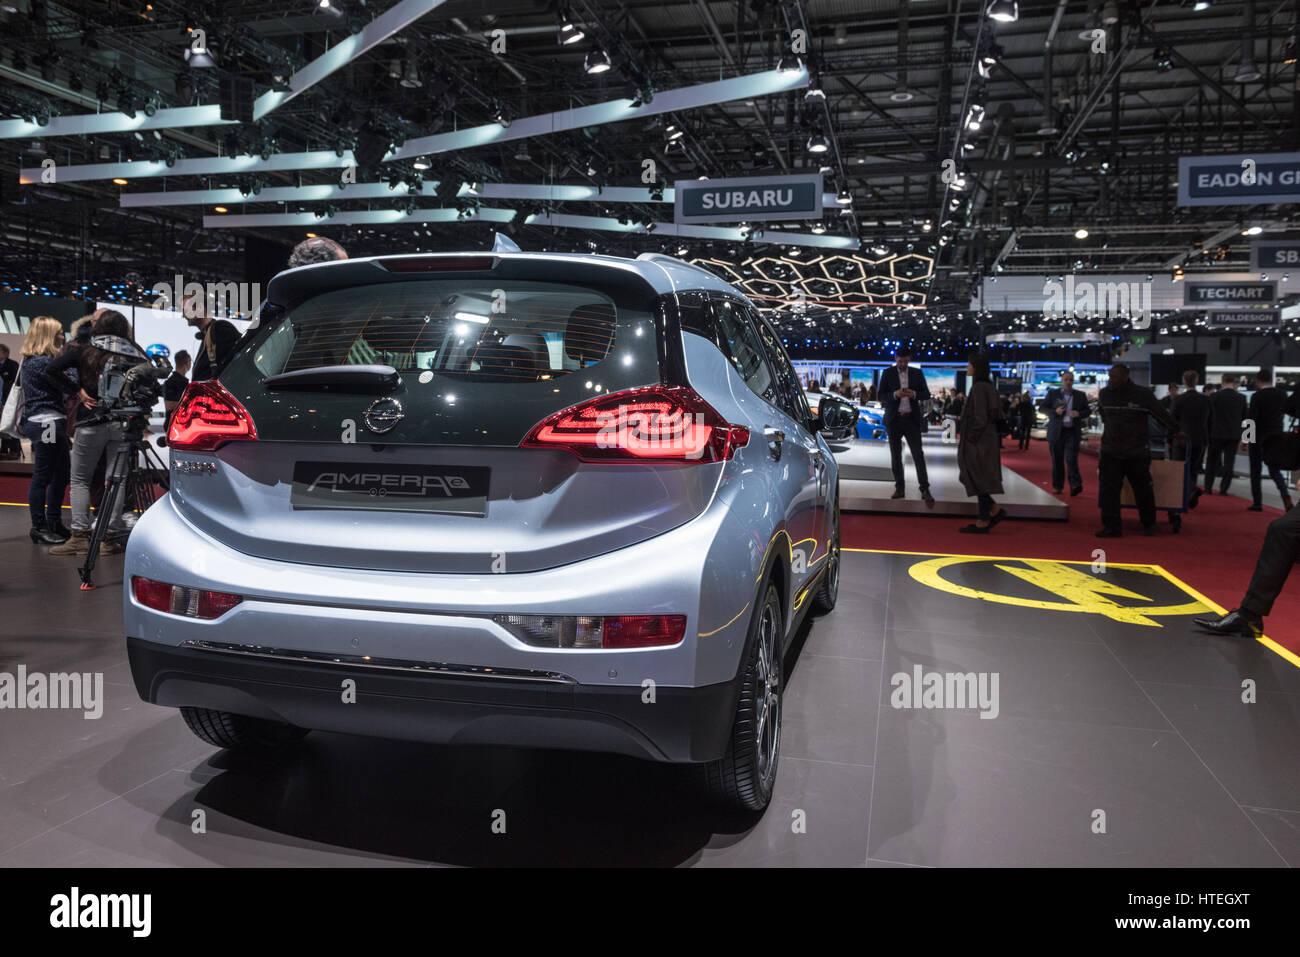 El Opel Corsa en el Salón de Ginebra, Suiza internacional coches y motor show Imagen De Stock